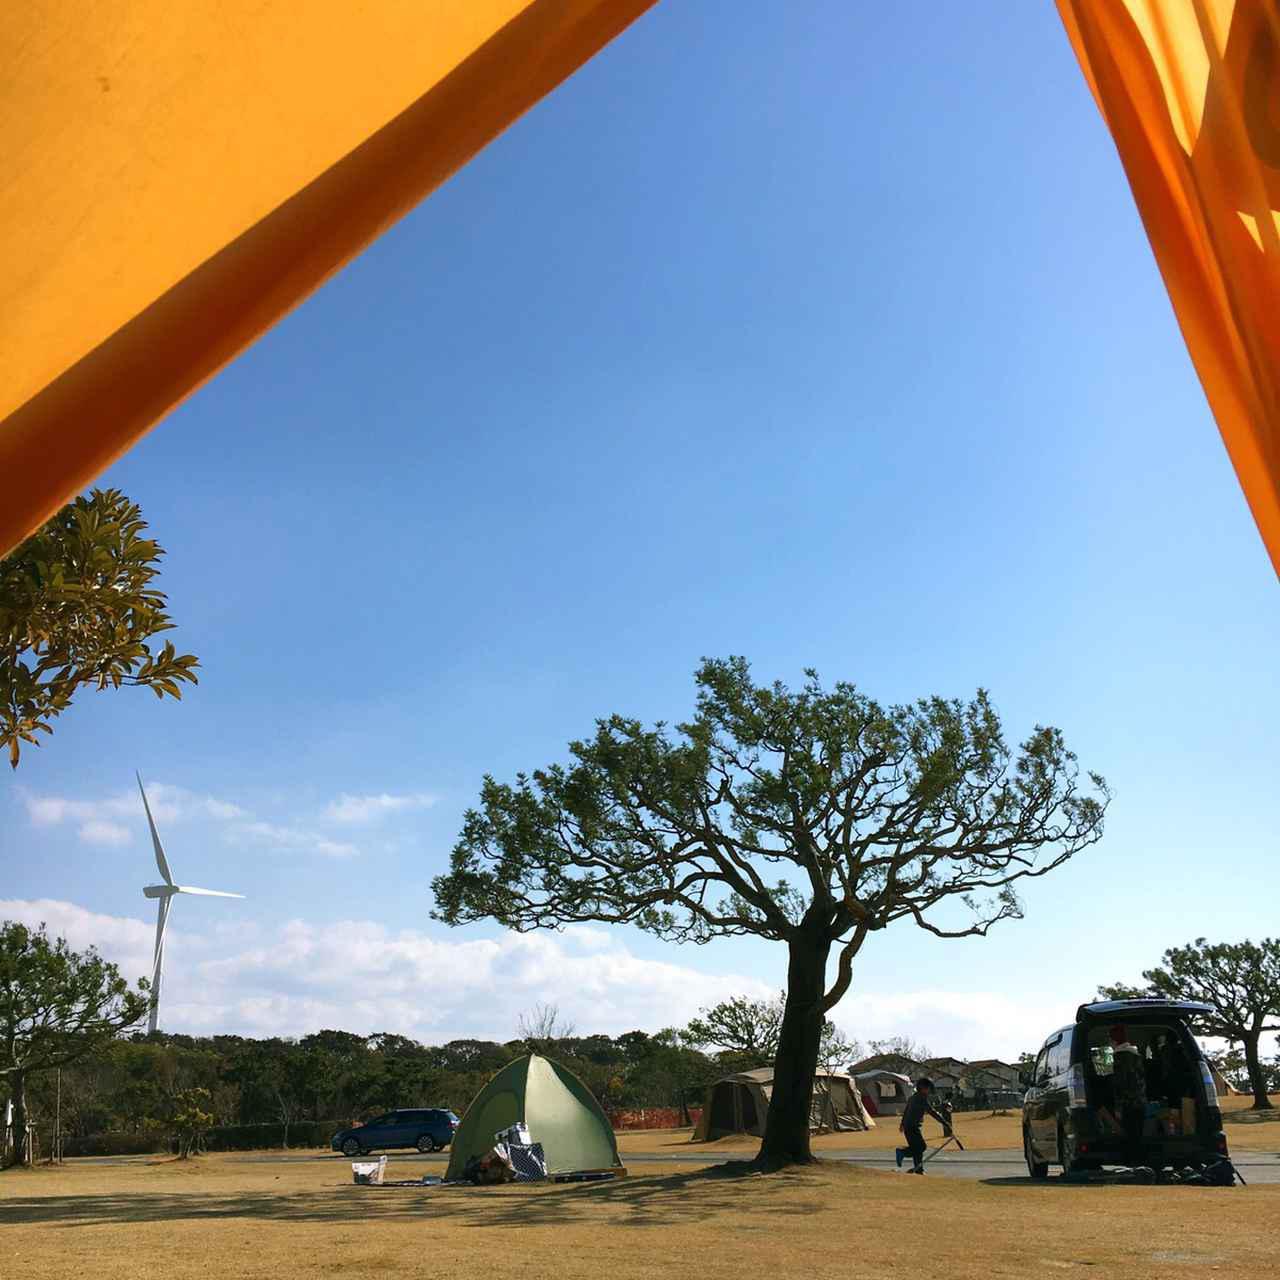 画像: 【おすすめキャンプ場23】冬キャンプにもおすすめ!遊べる施設満載の「竜洋海洋公園オートキャンプ場」 - ハピキャン(HAPPY CAMPER)